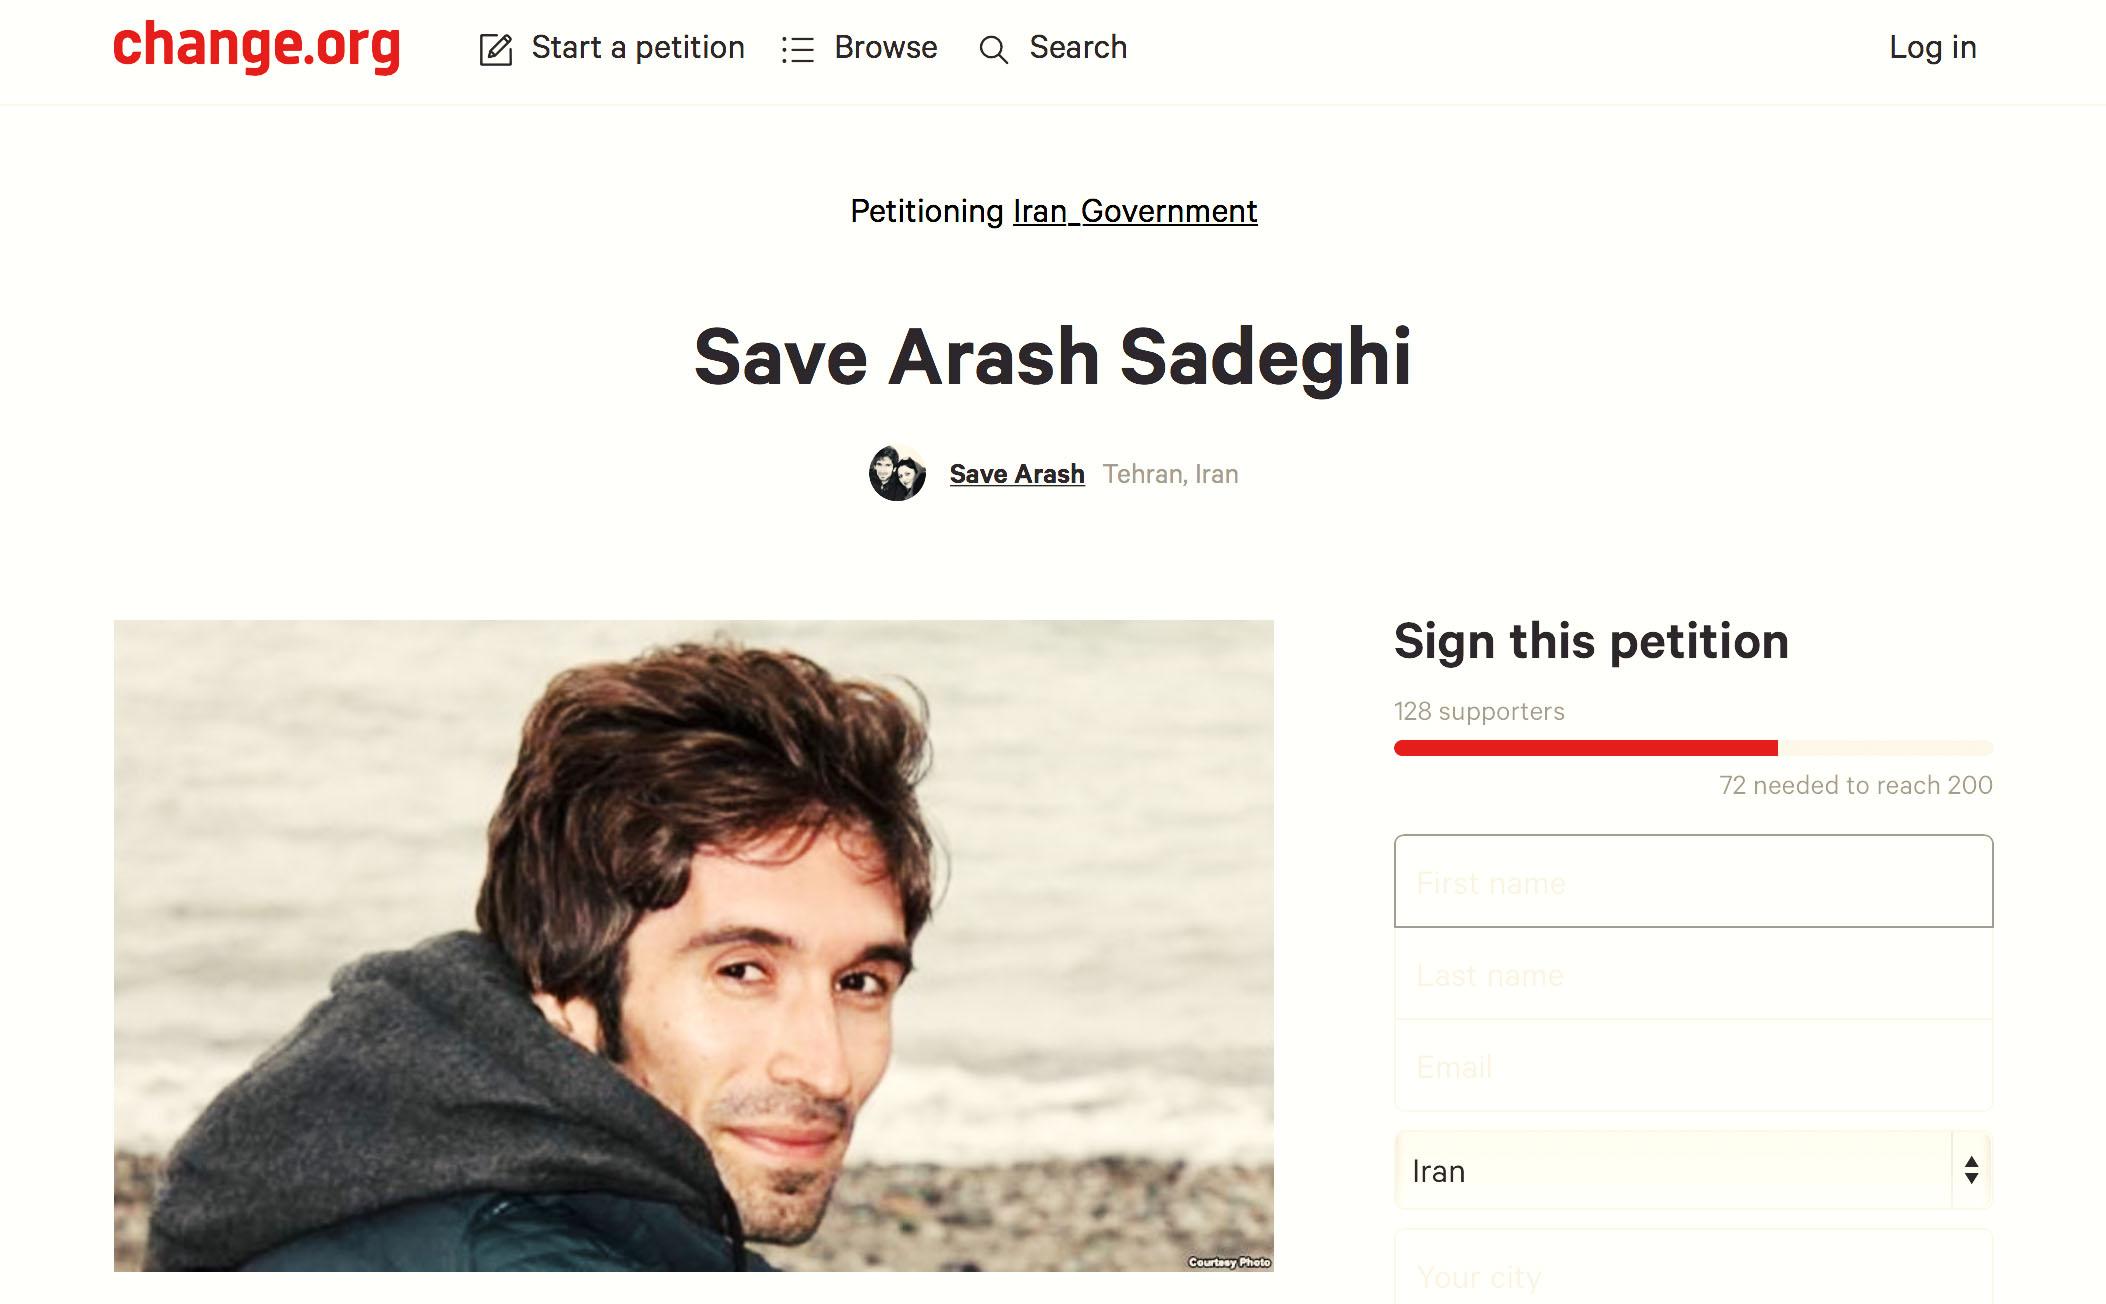 """""""آرش صادقی را نجات دهید""""؛ پتیشن حمایت از این زندانی سیاسی در اعتصاب غذا"""